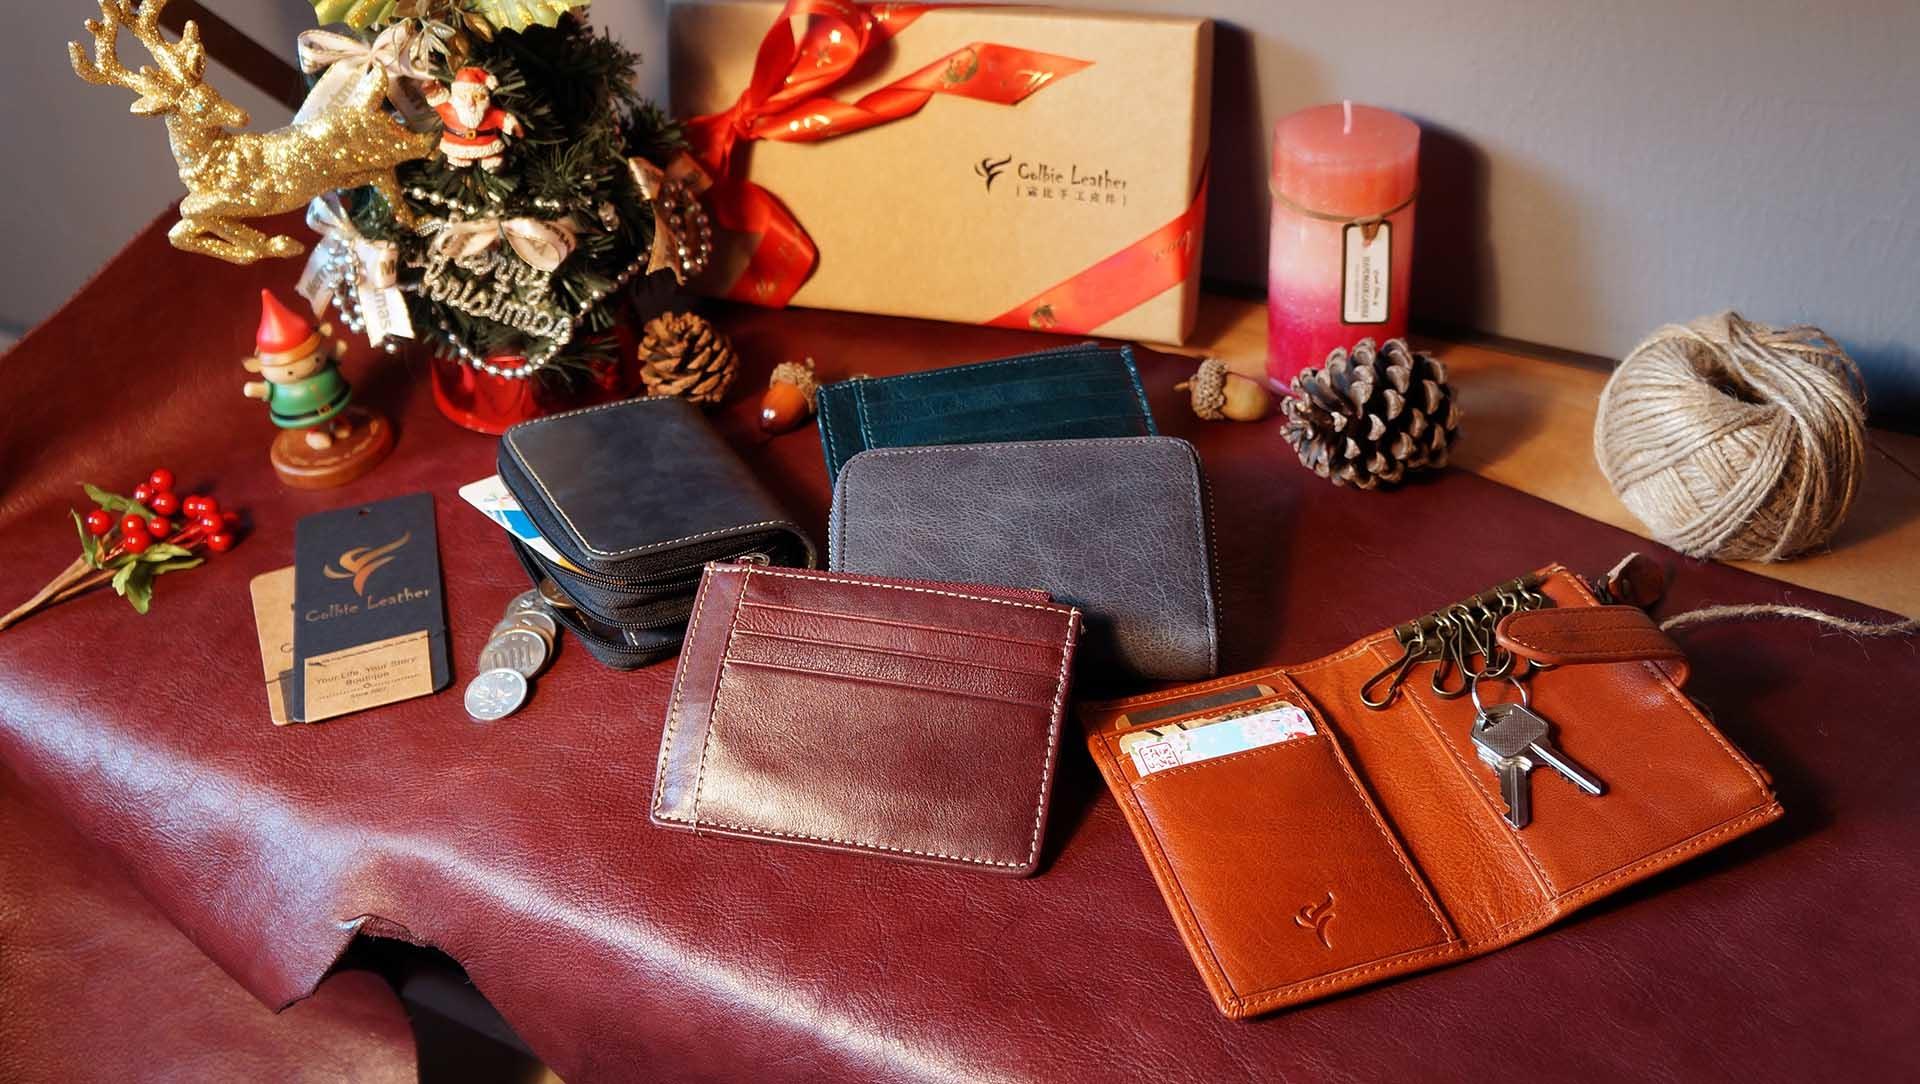 耶誕,聖誕節送什麼,聖誕節,交換禮物,聖誕禮物,香氛,特色禮物,質感,手作